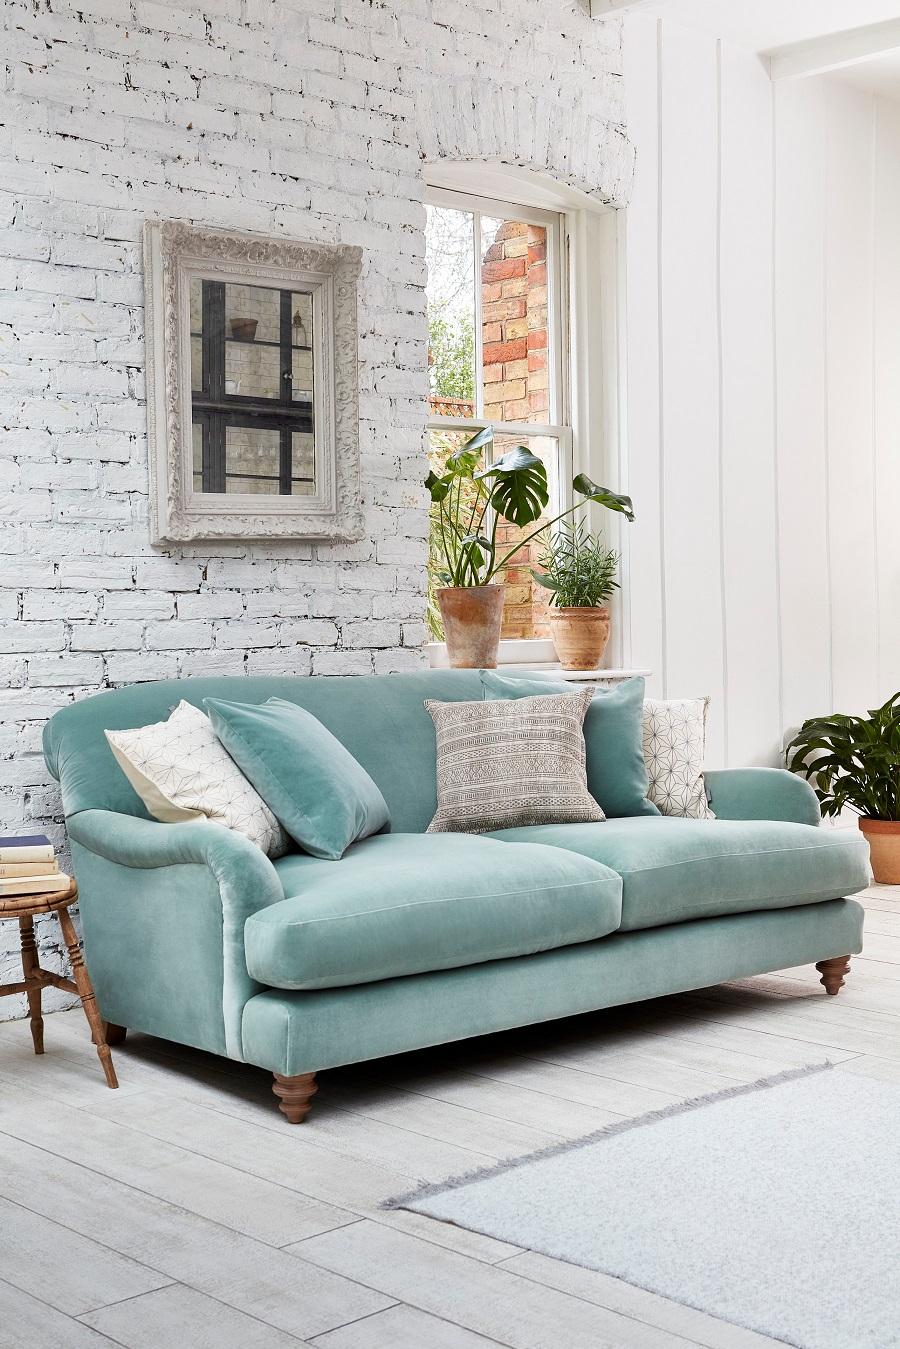 Stunning Sofa Design in pastel velvet